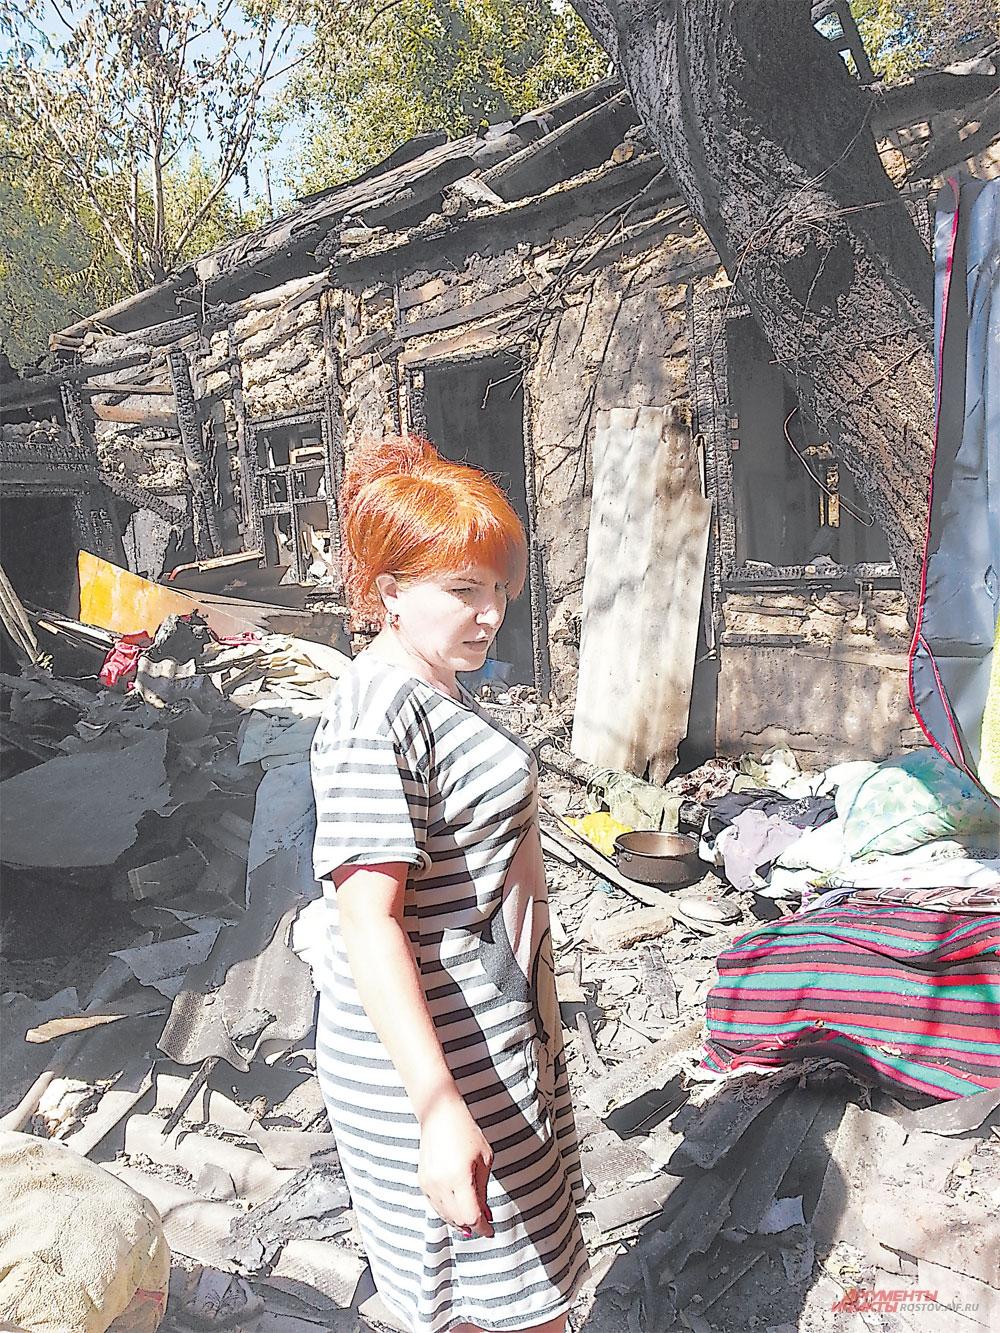 На пепелище люди пытаются найти хоть что-то уцелевшее в огне.